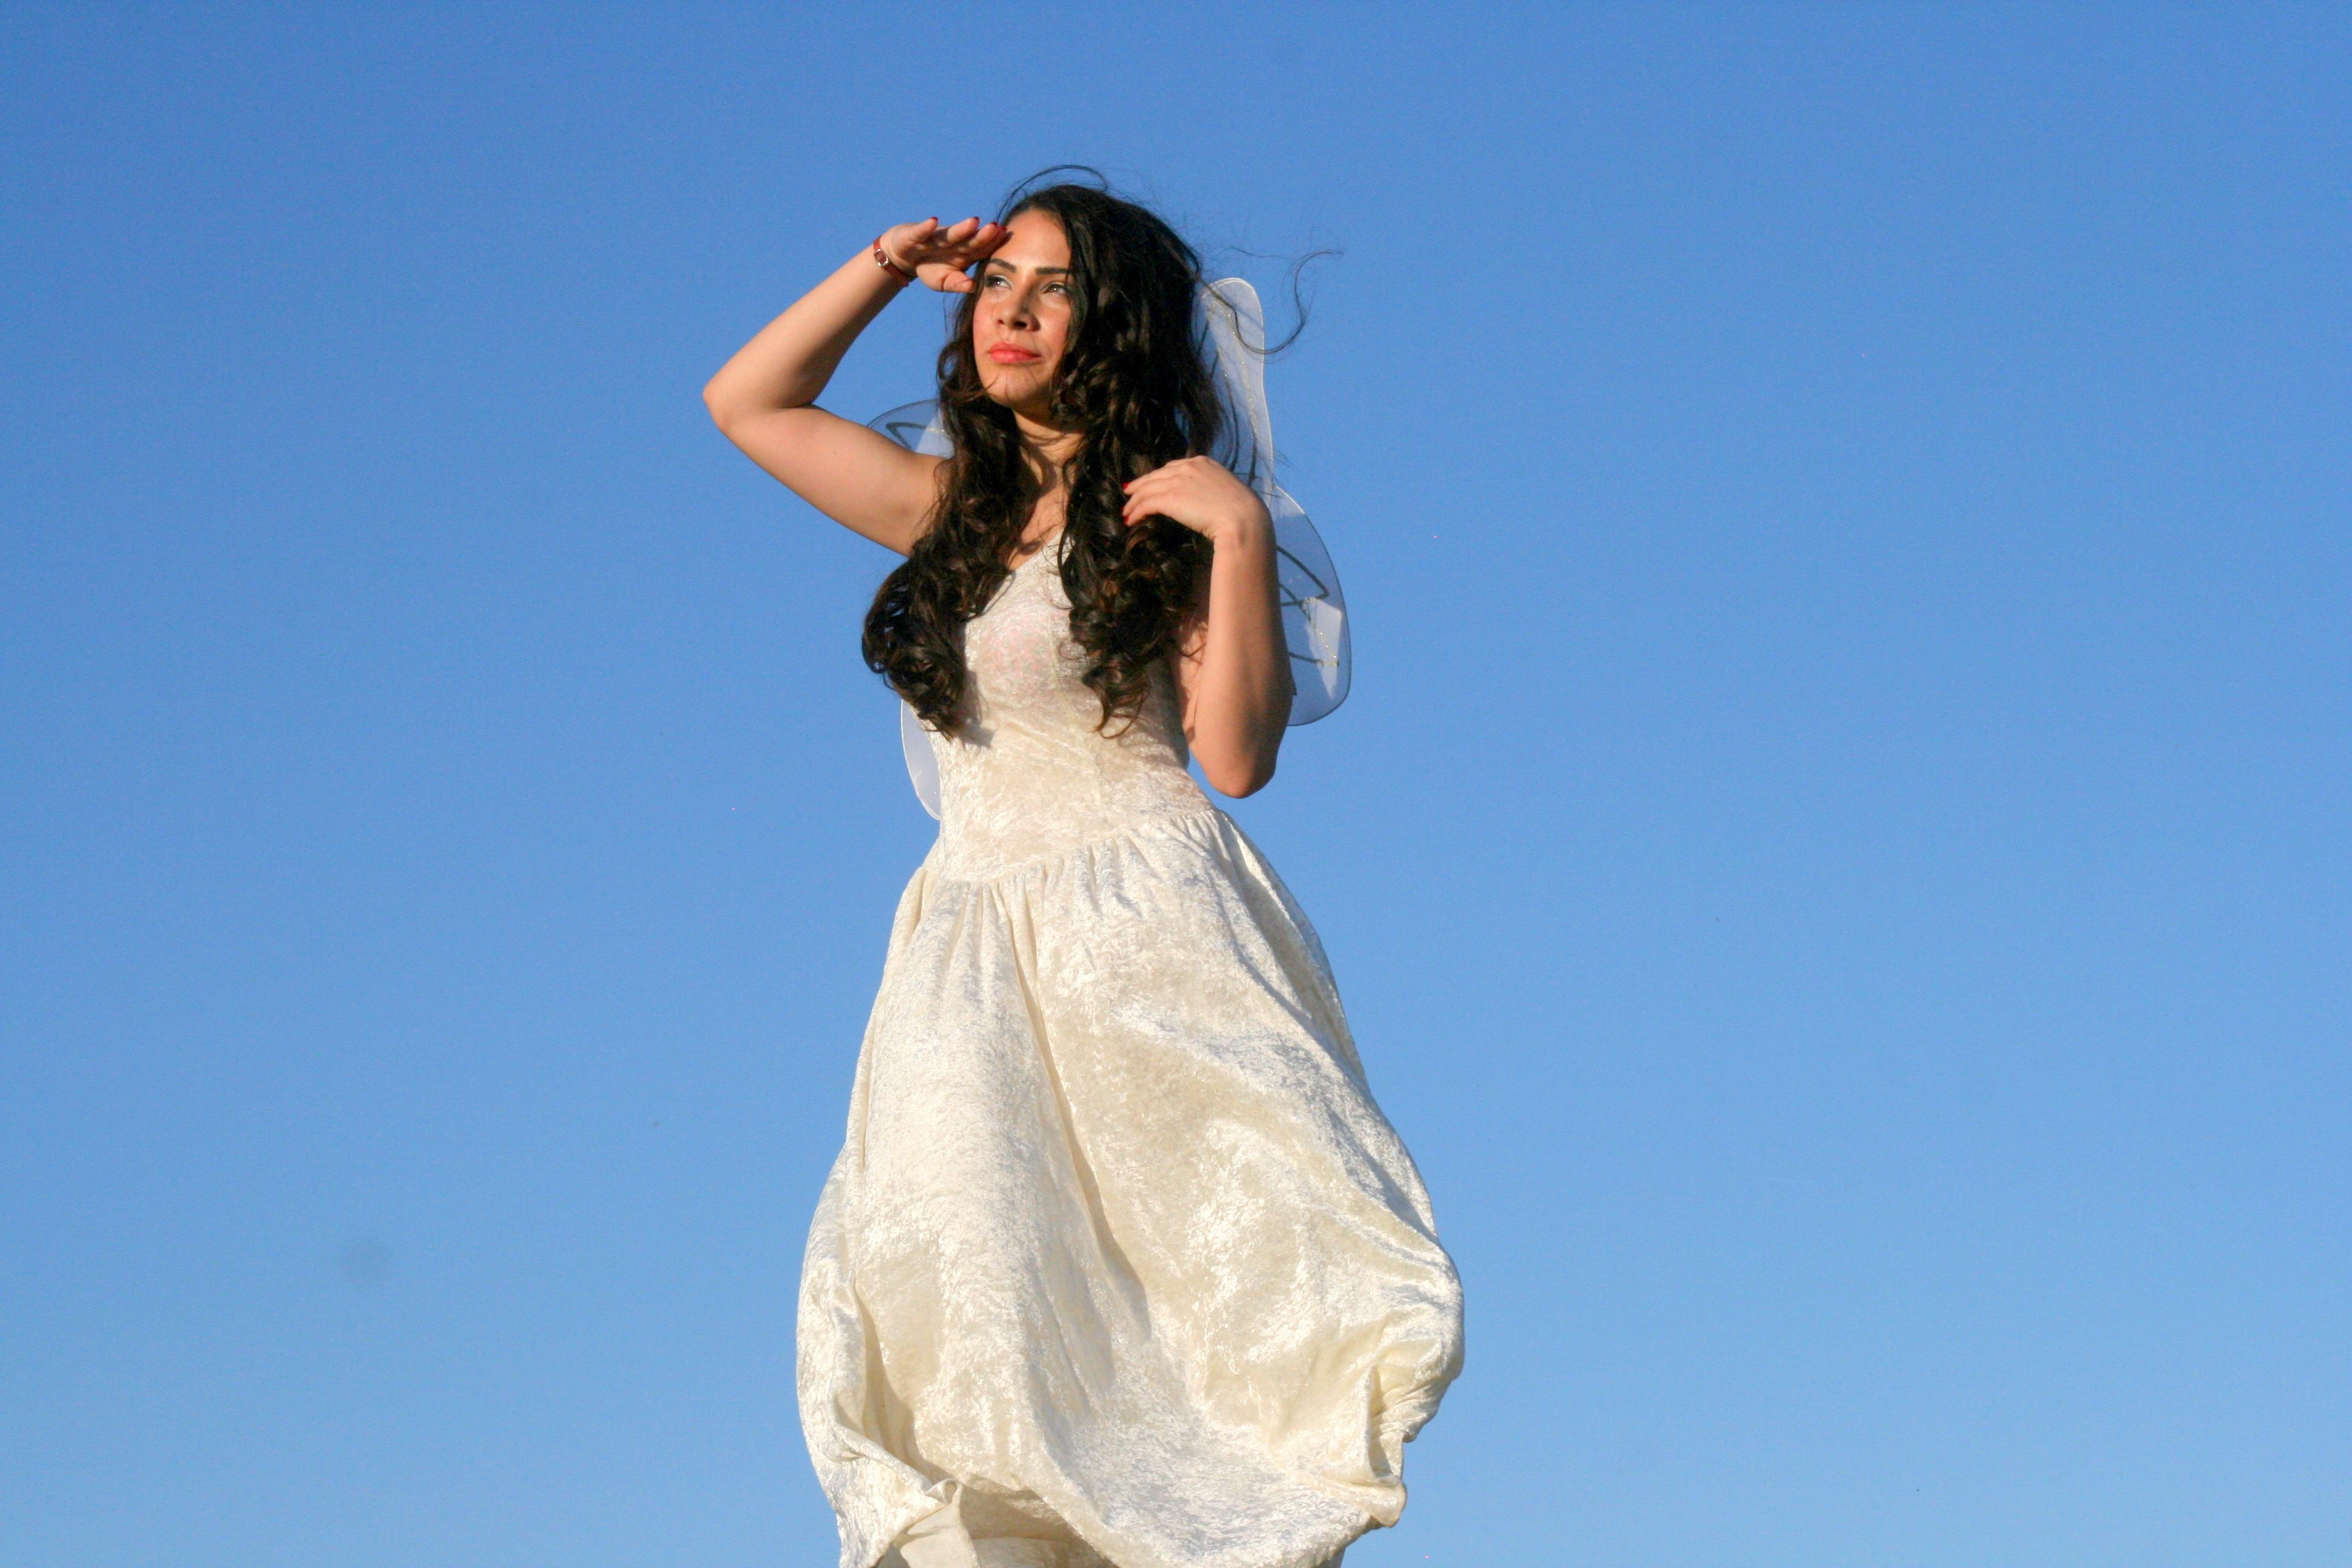 Fotos gratis : niña, mujer, modelo, primavera, ropa, vestido de ...